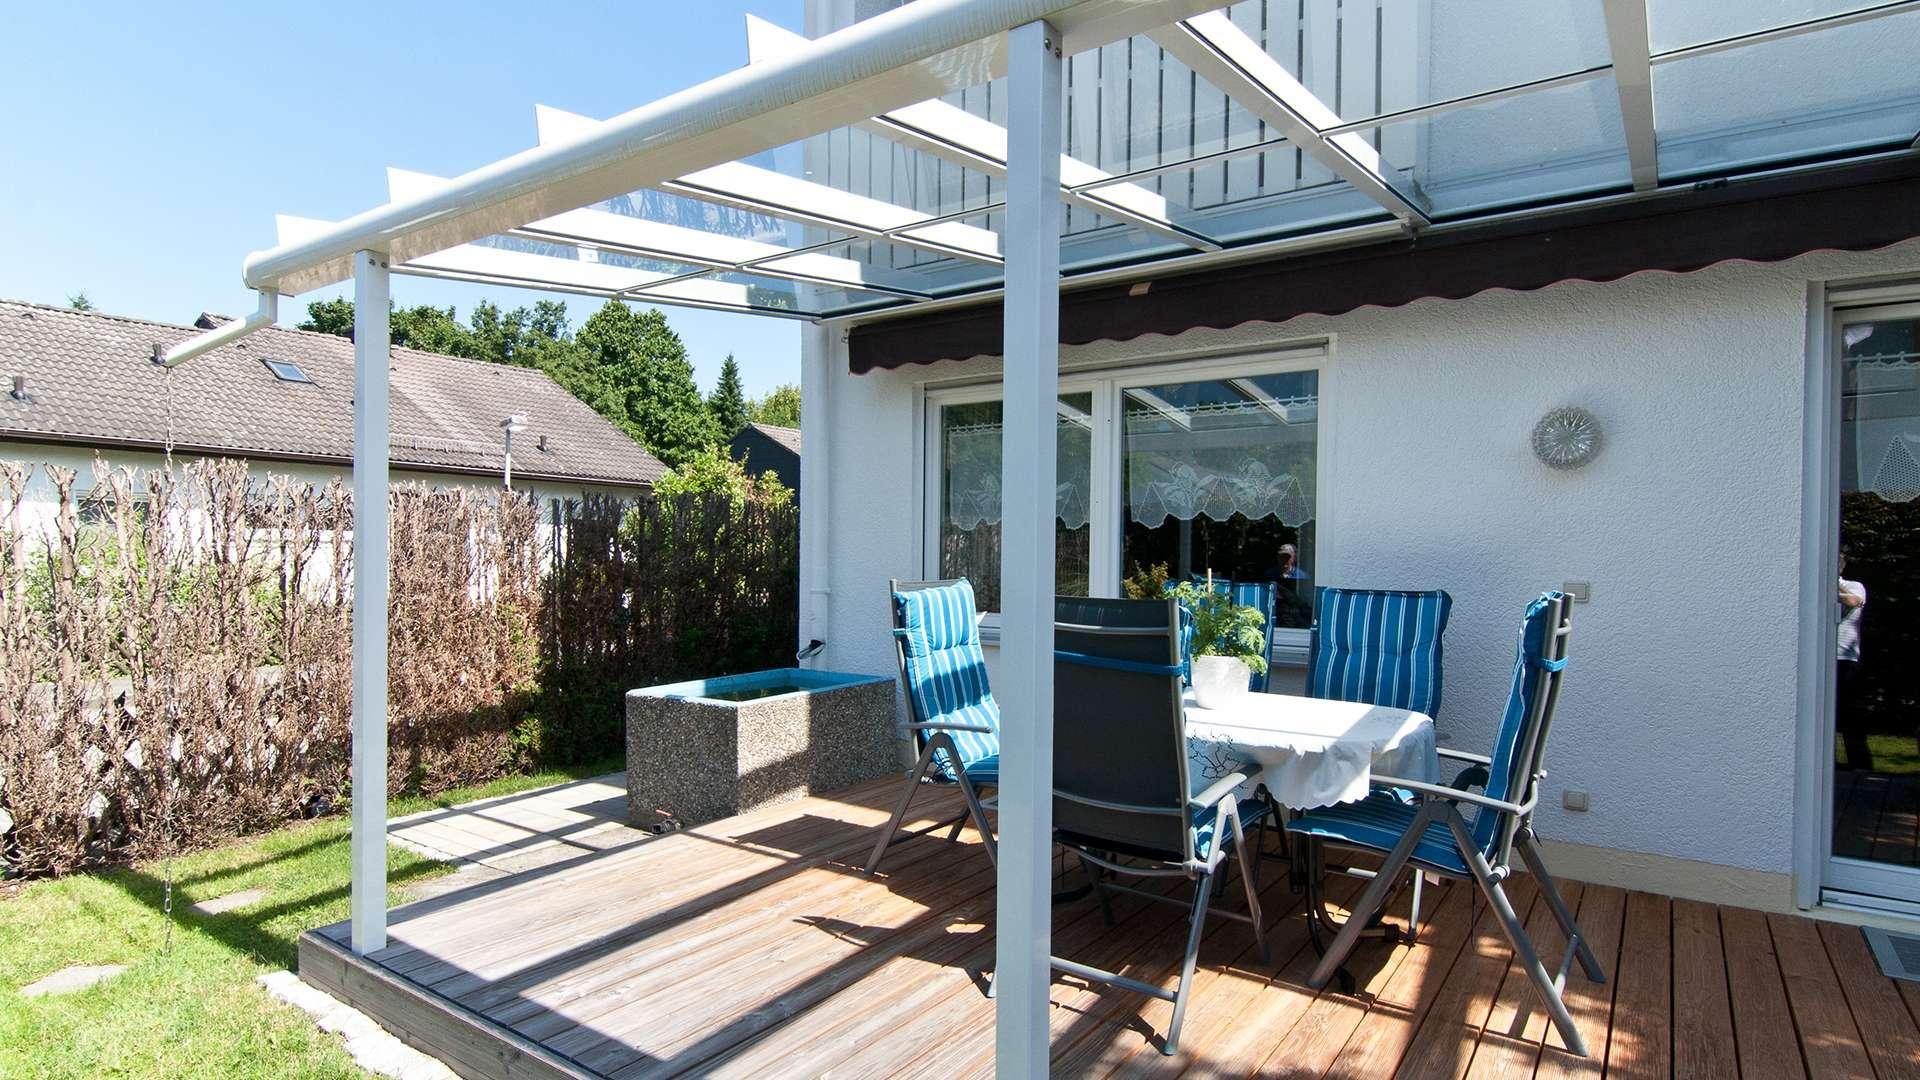 weißes Terrassendach auf einer Terrasse mit Gartenmöbeln